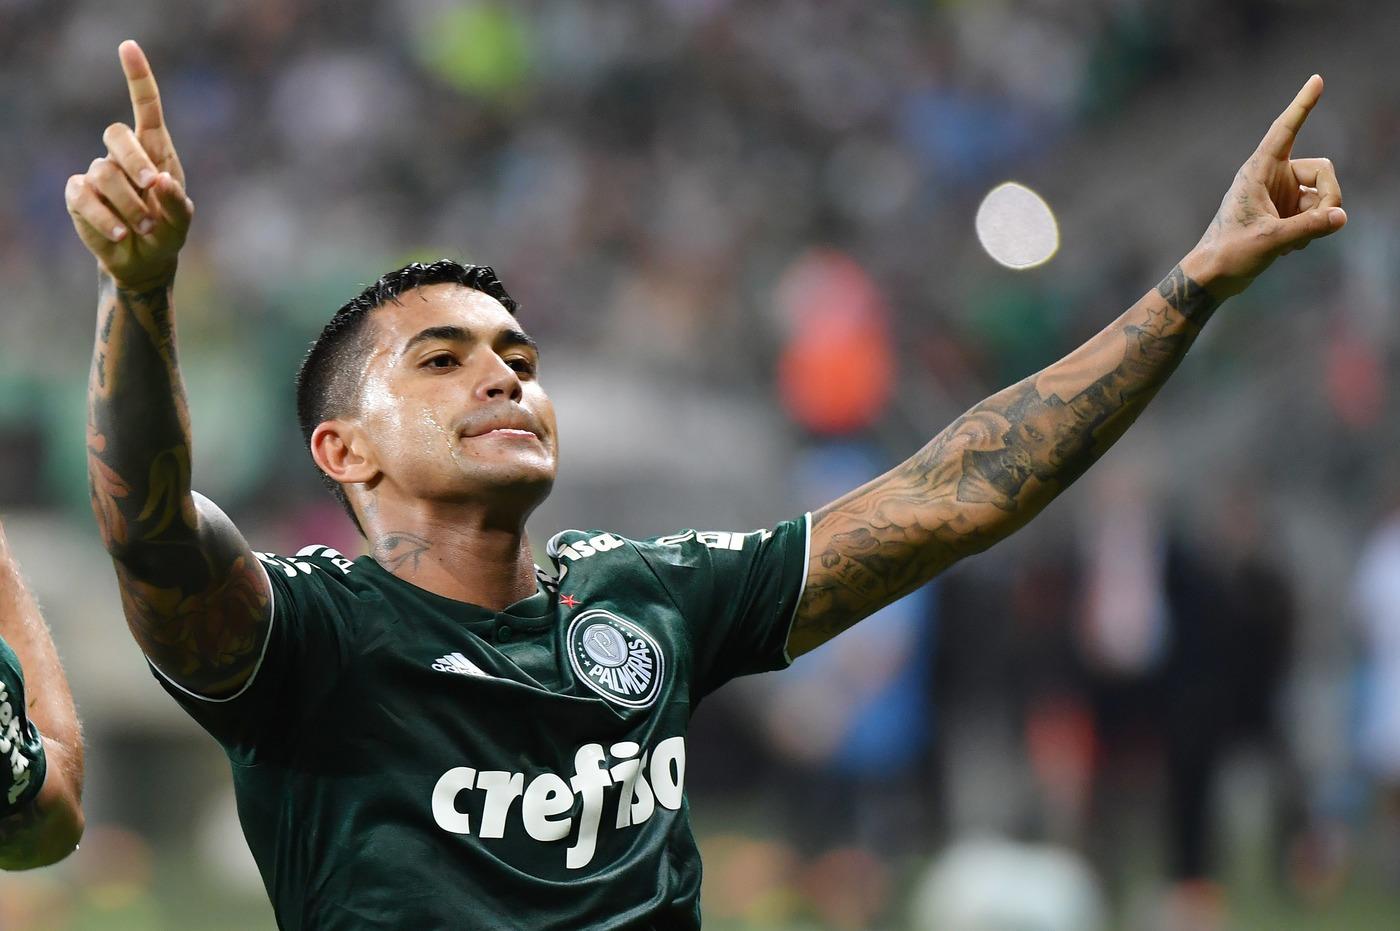 Ceara-Palmeiras sabato 20 luglio